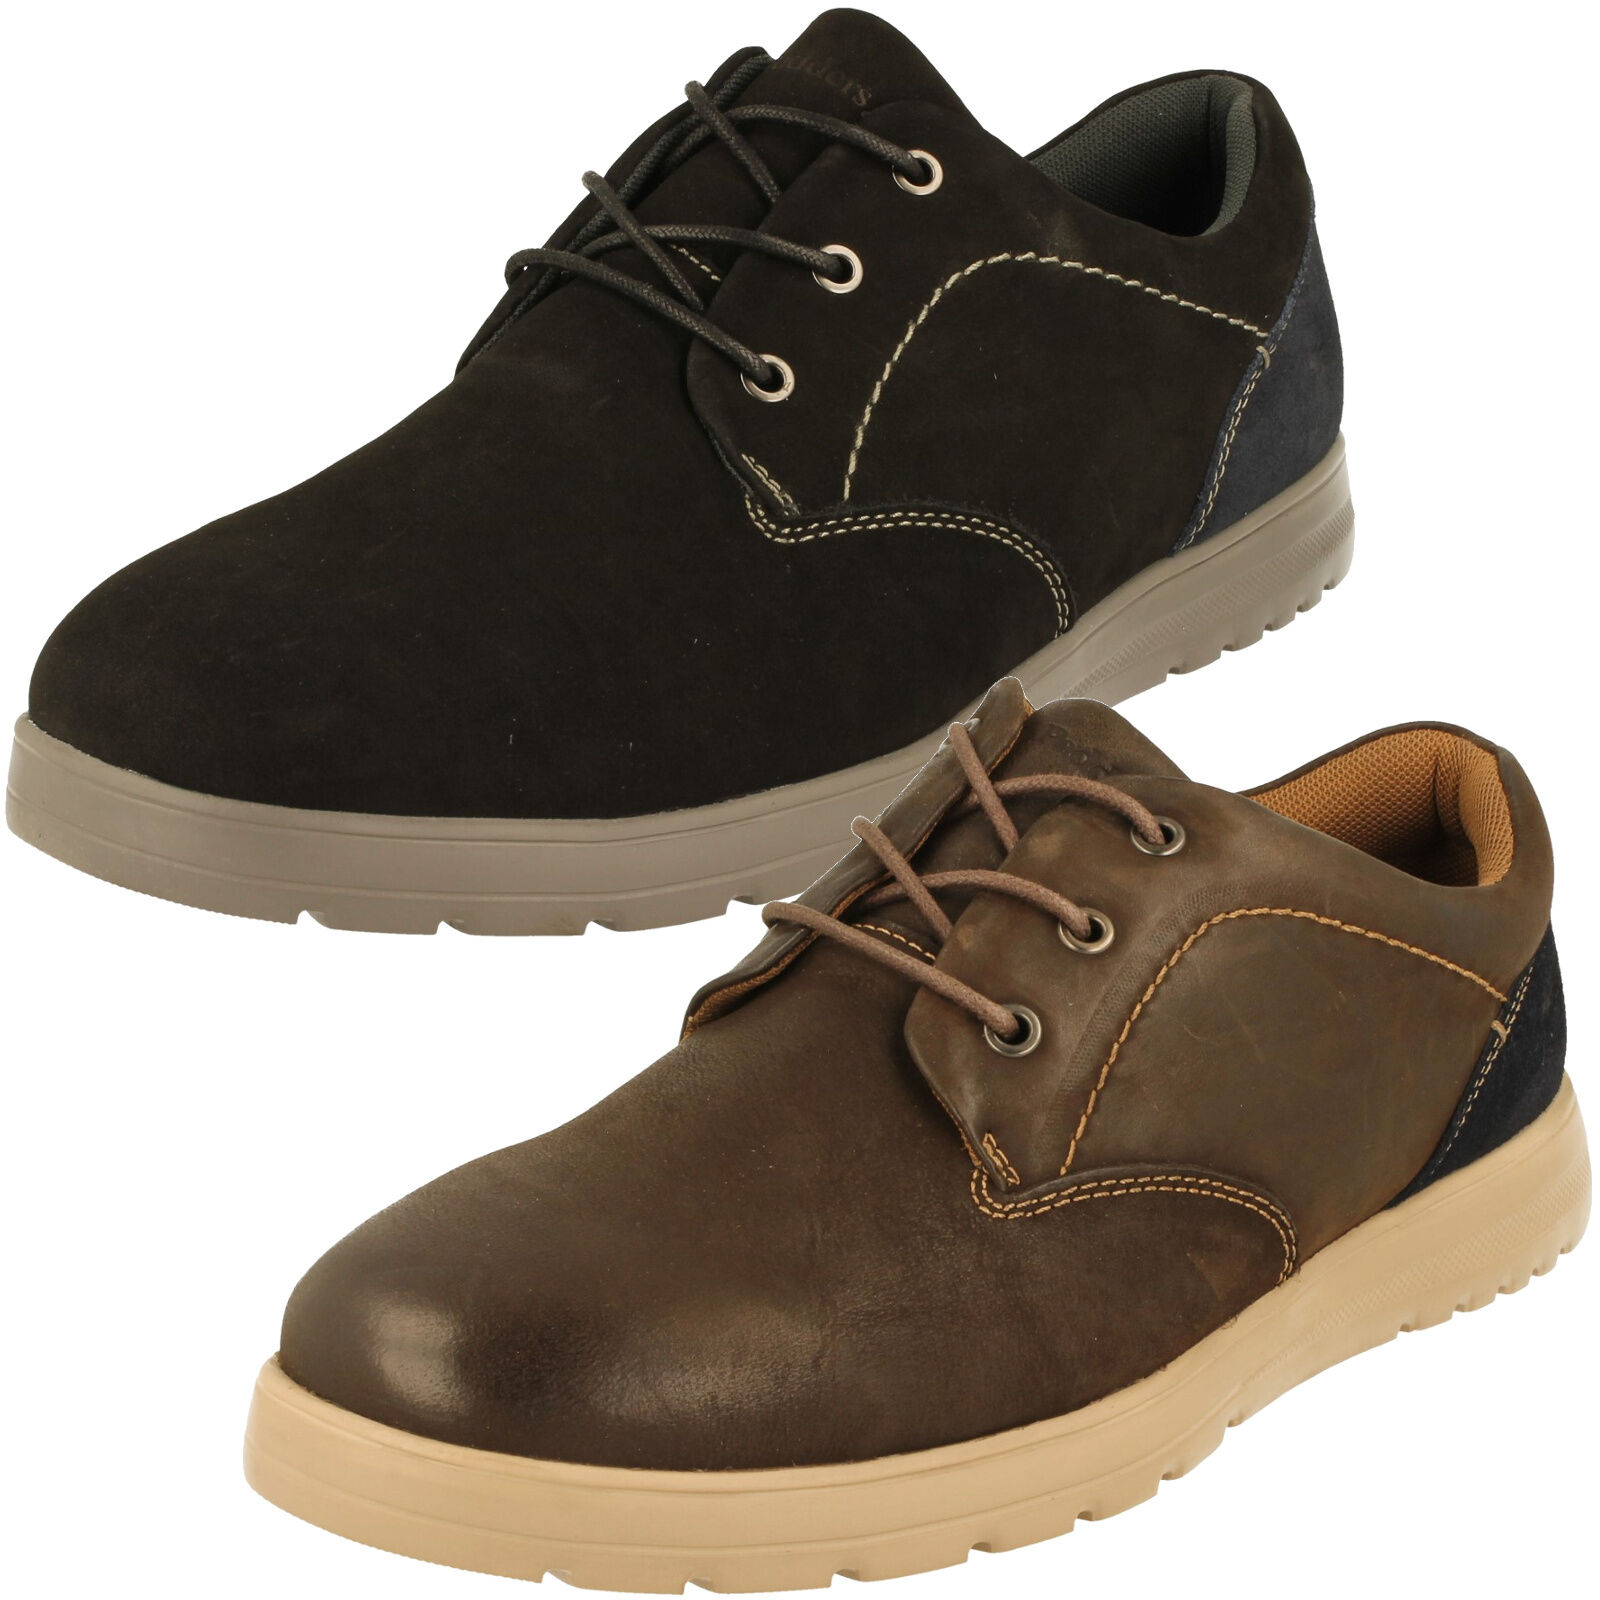 Para Hombre Fit Padders G/H Dual Fit Hombre Zapatos recuperar el estilo 4b59d3